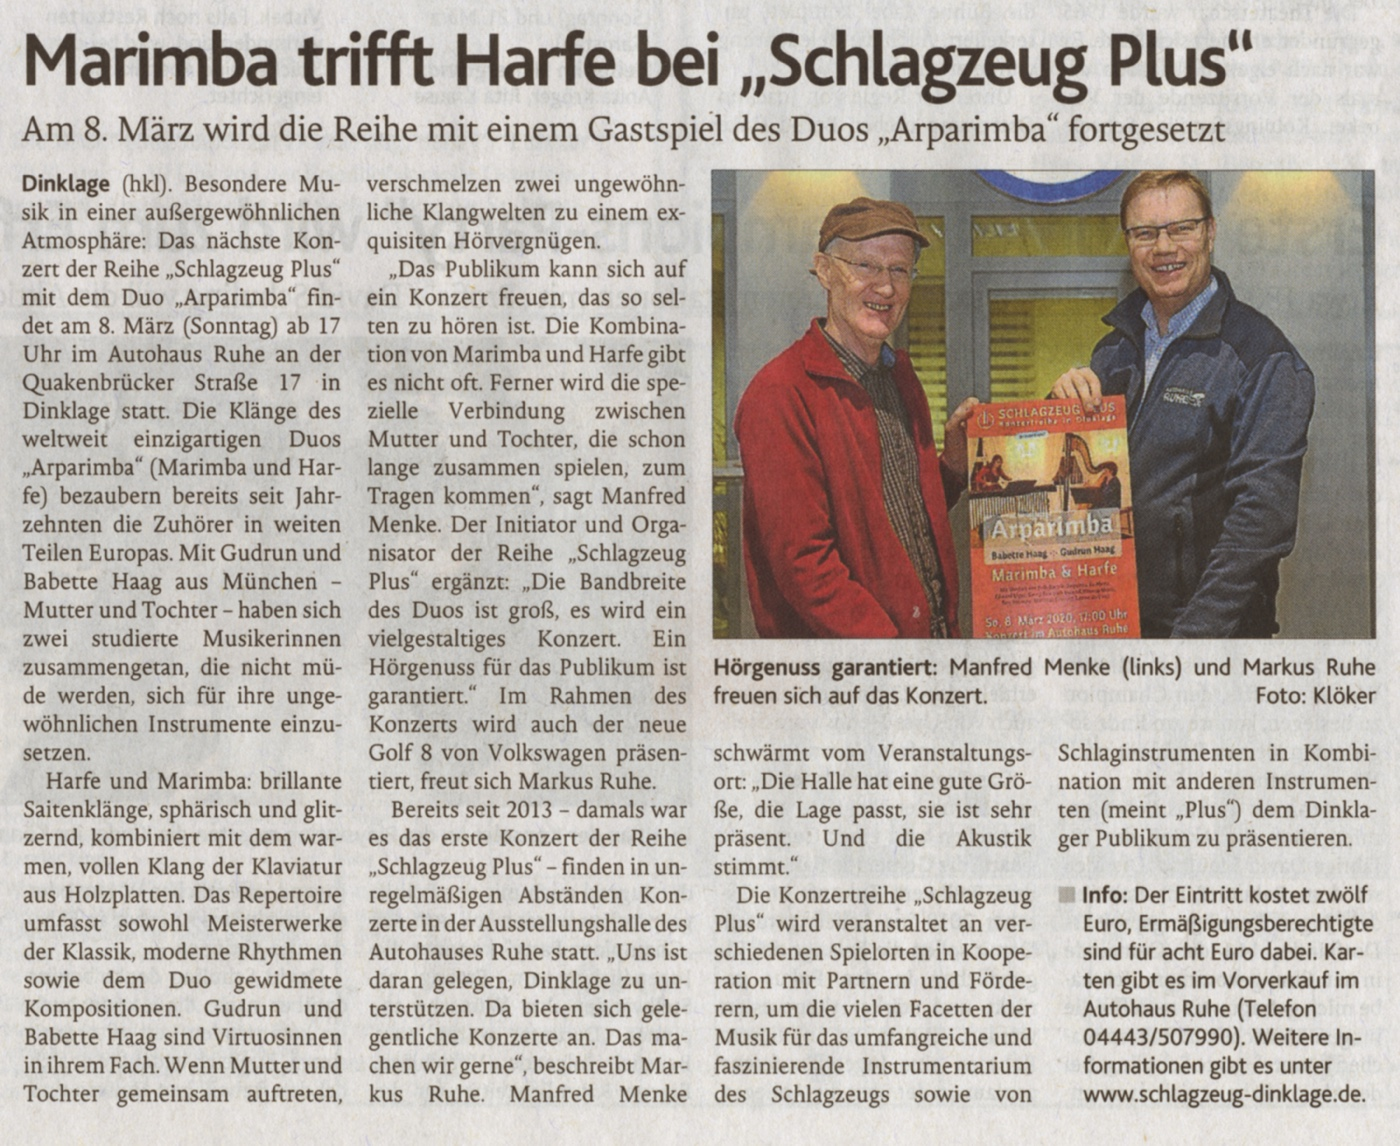 Presse-Ankündigung · Oldenburgische Volkszeitung am 11. Februar 2020